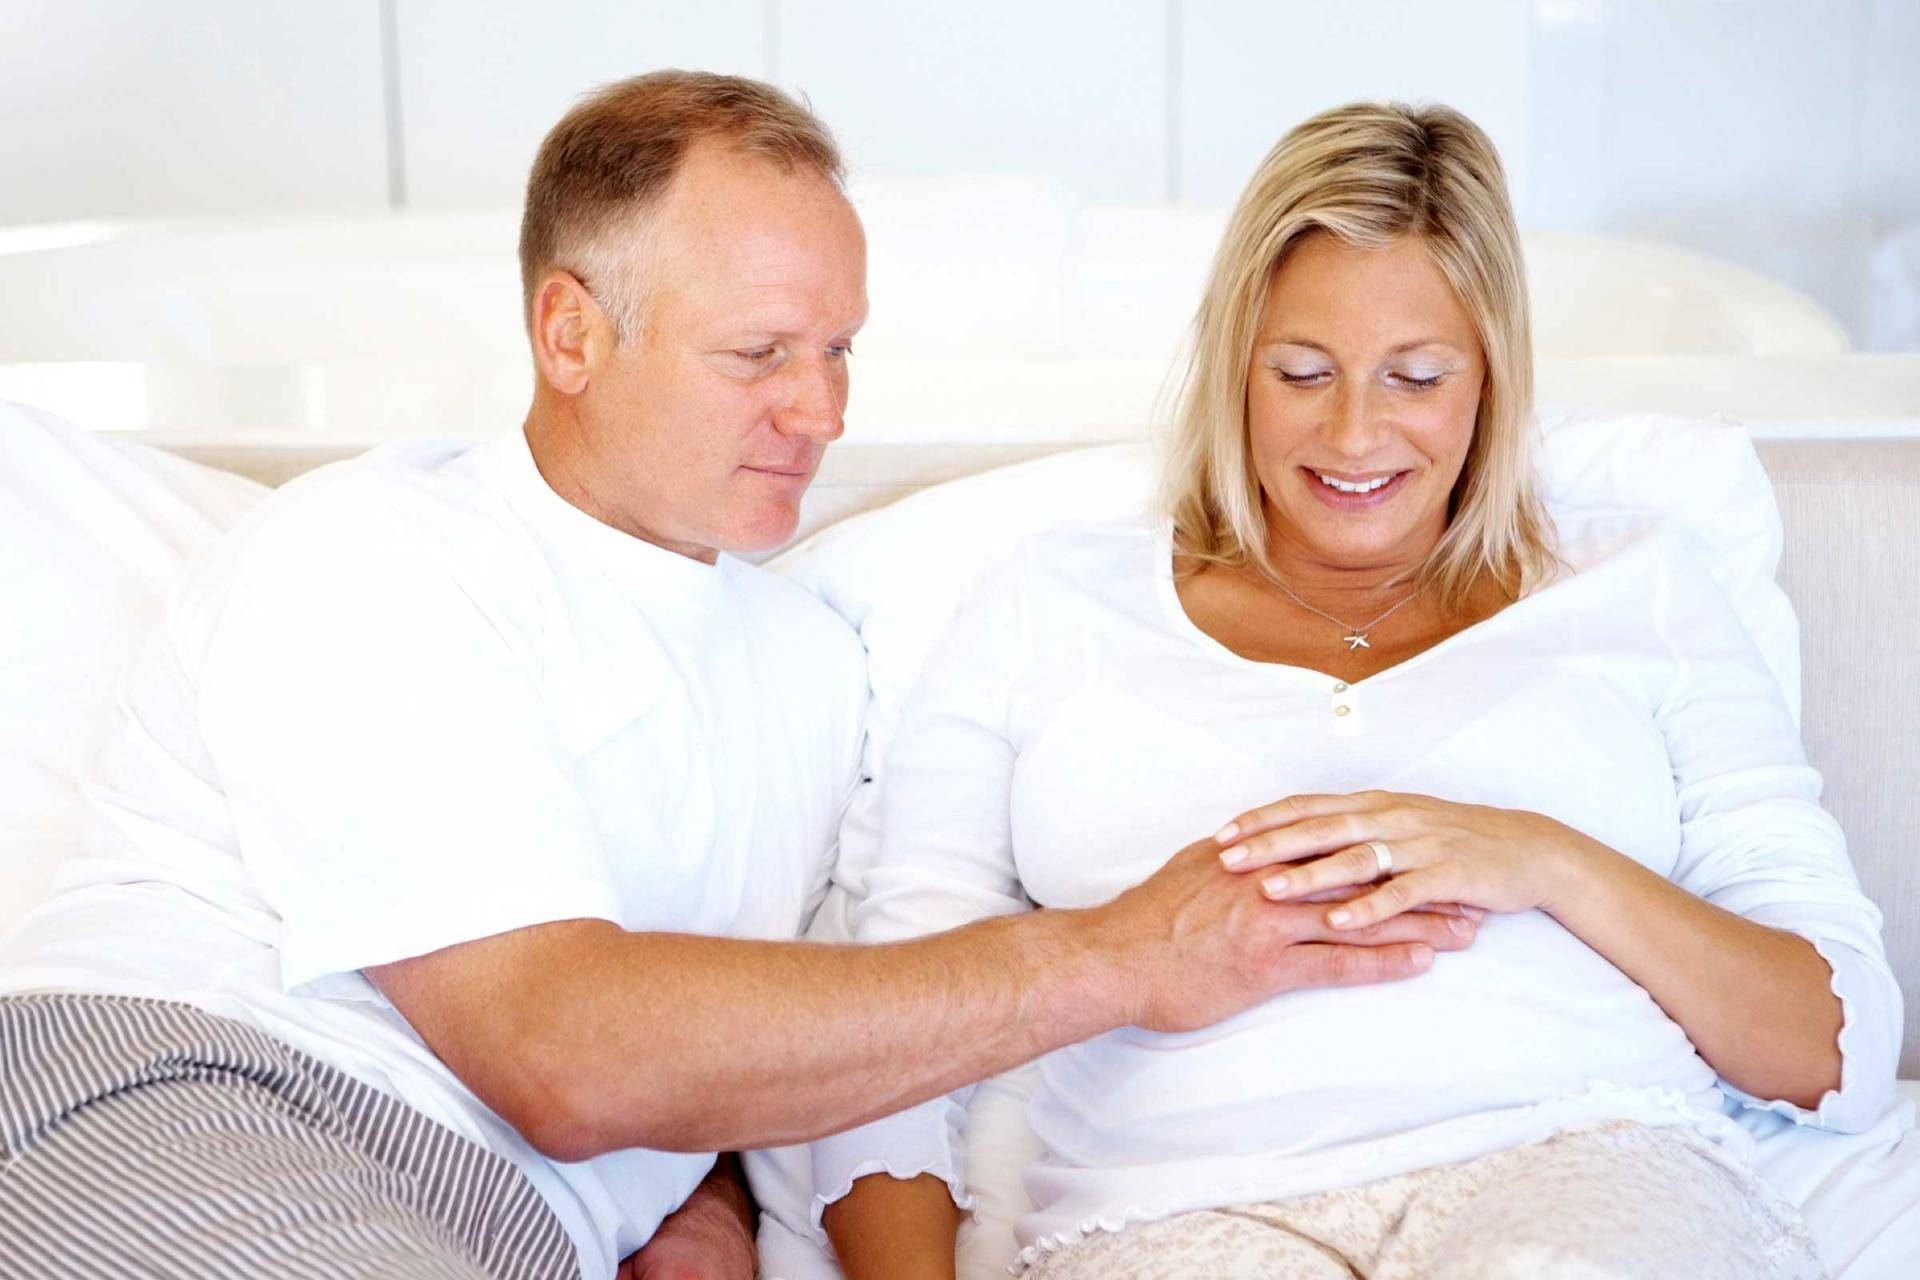 Беременность при помощи эко: если женщине скоро 40. шансы забеременеть после эко